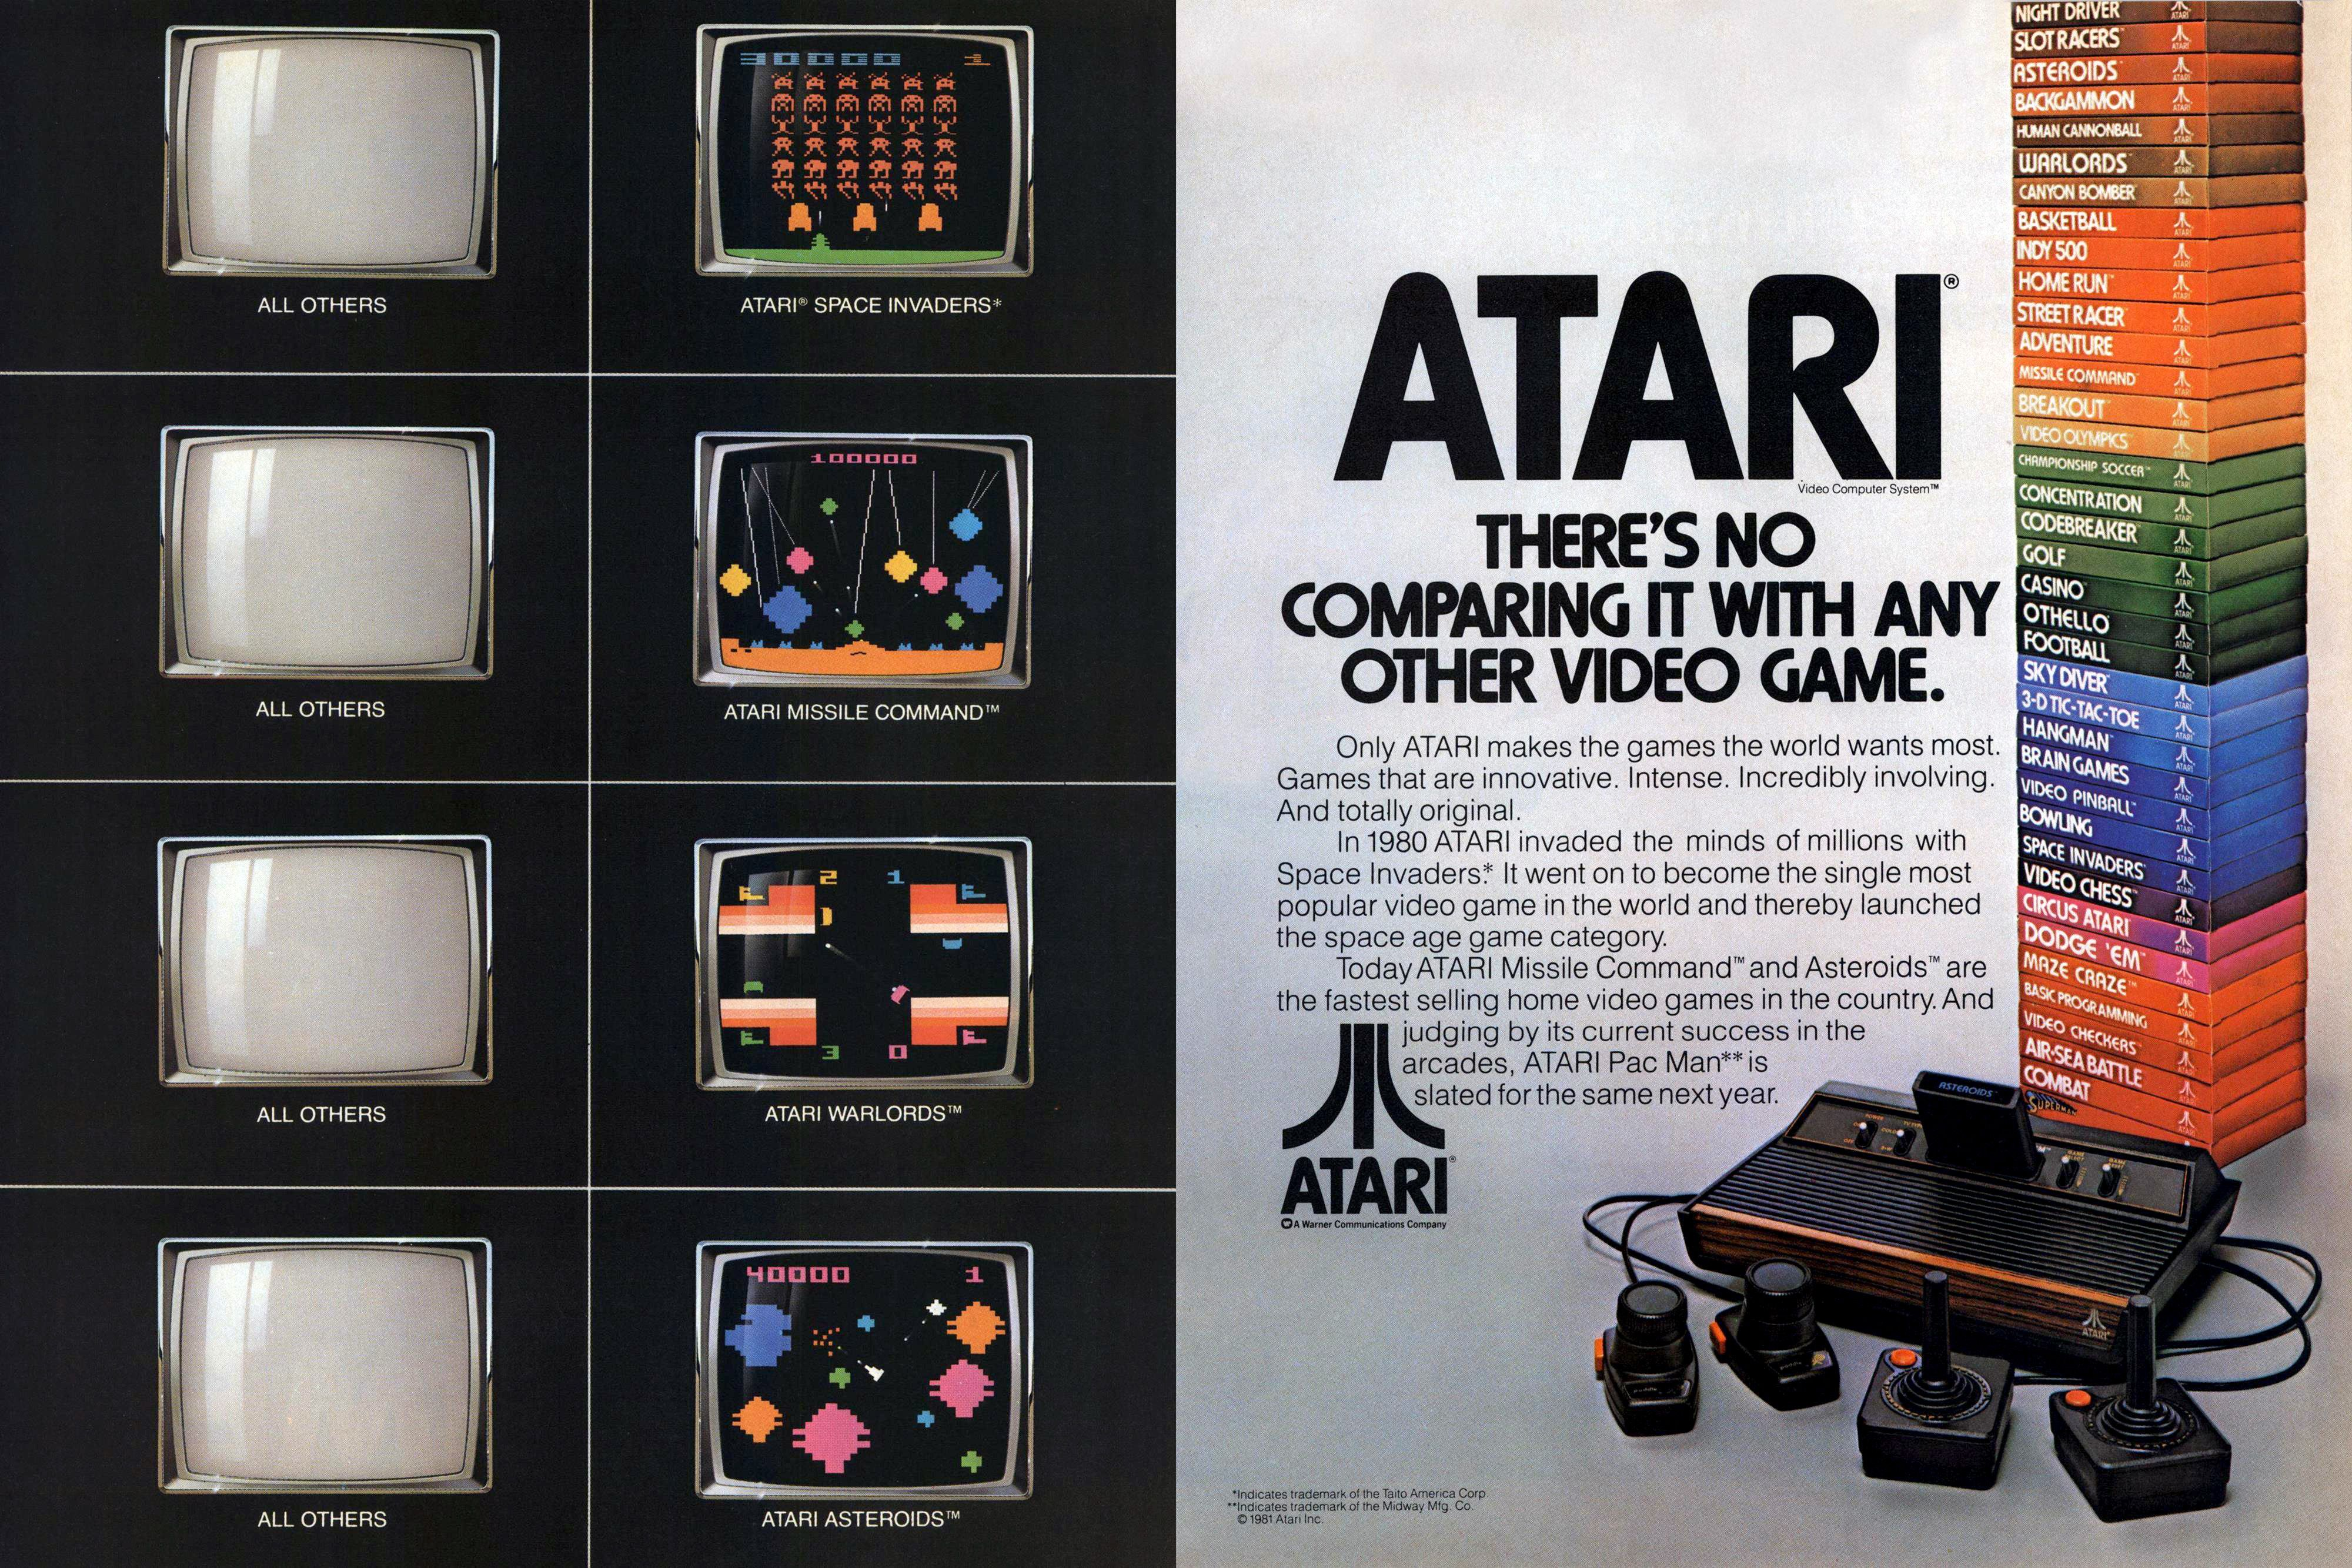 Slik så en reklame for Atari ut i 1981. Trykk for større bilde.